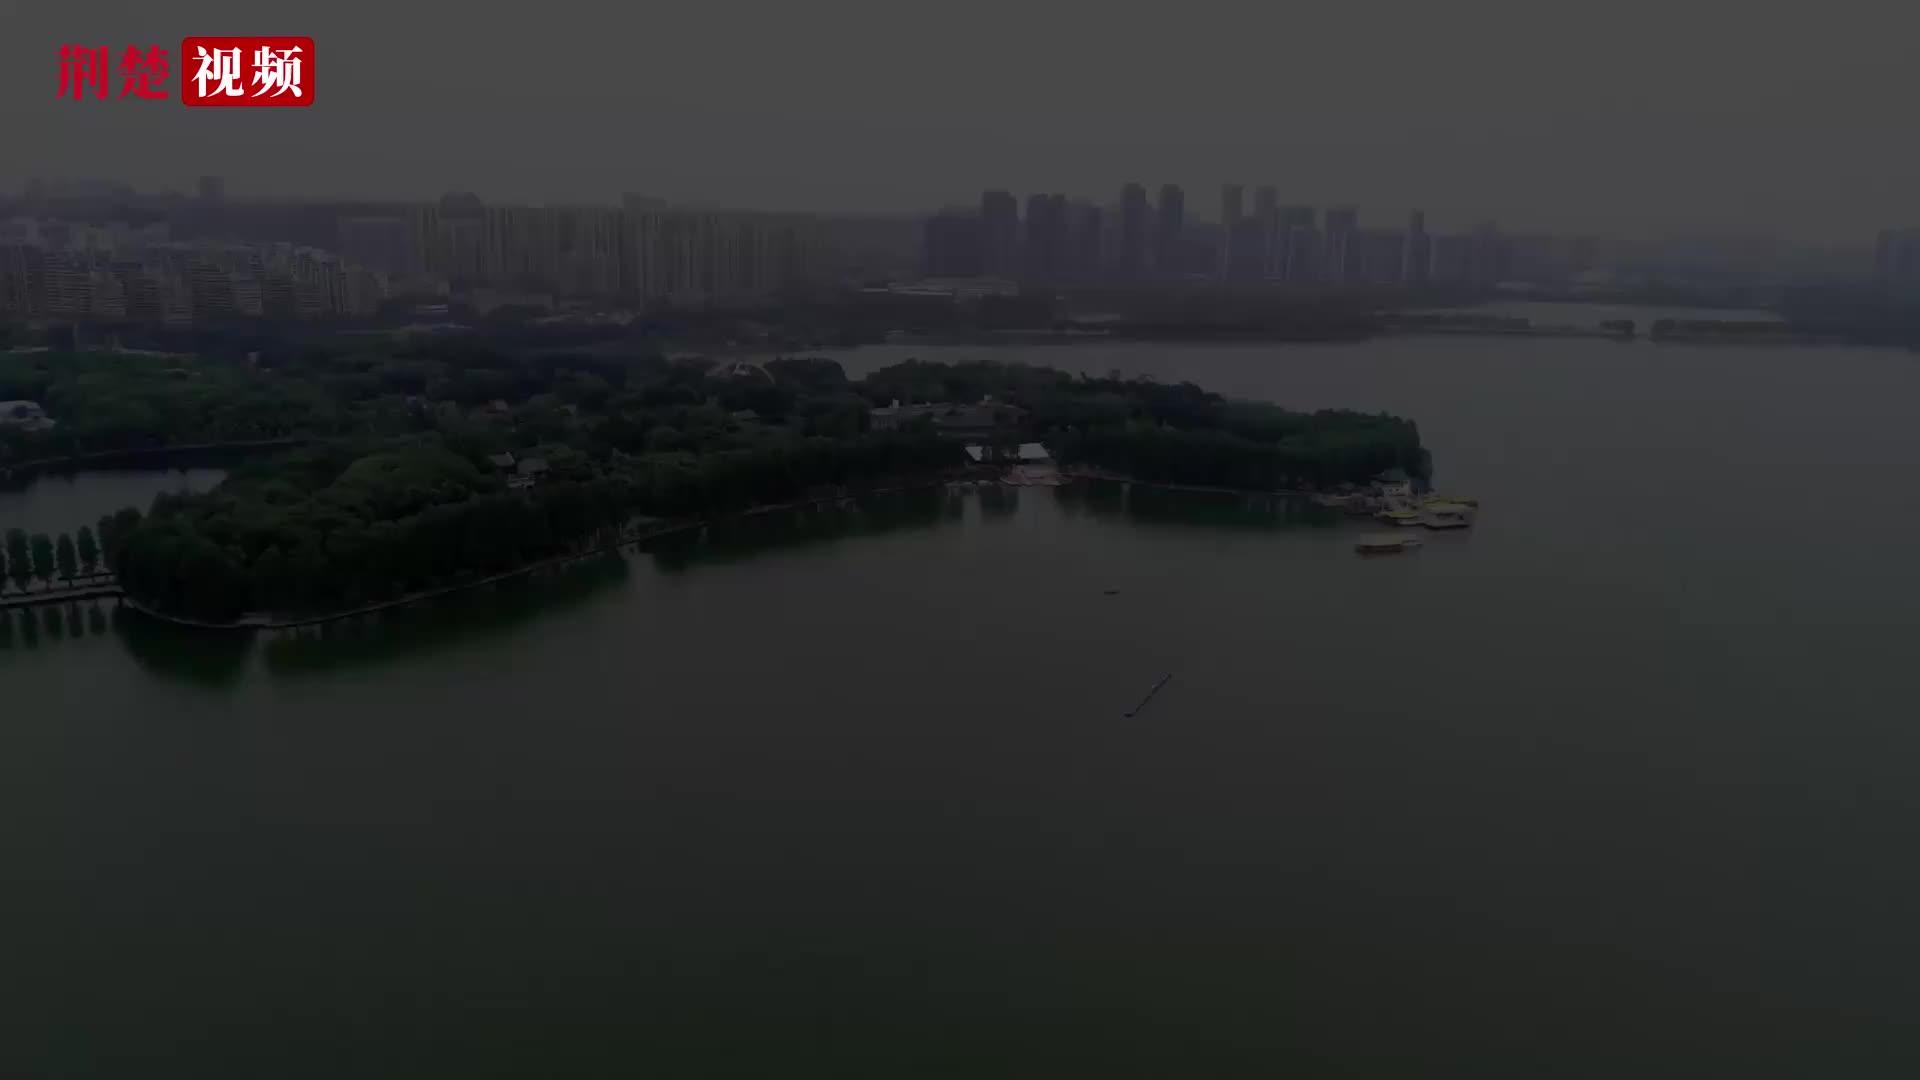 【荆楚拍客】华中大龙舟队故事:追梦少年,乘风破浪